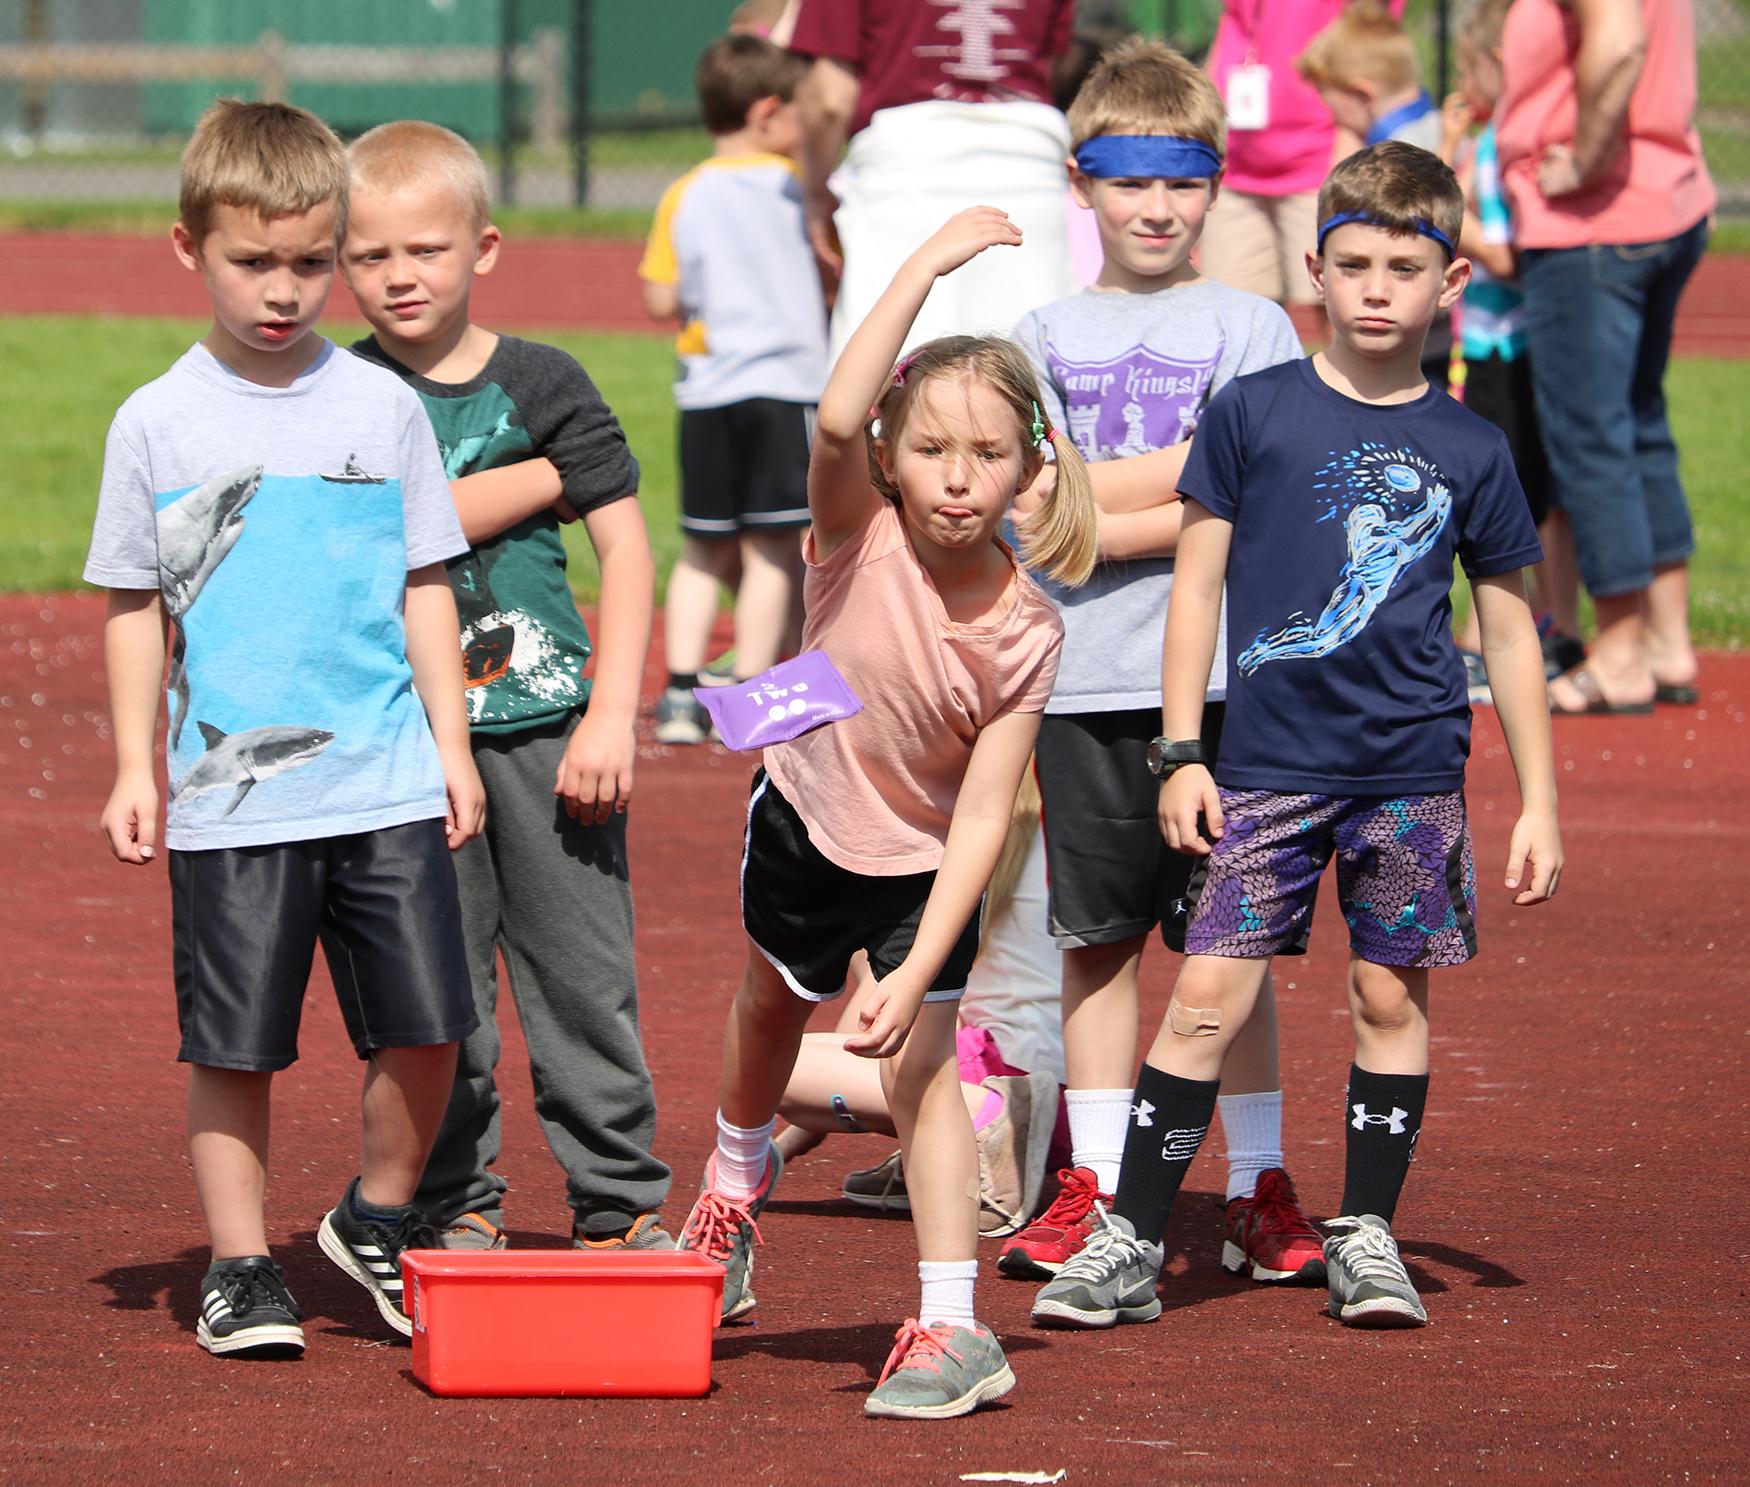 Kids playing bean-bag toss (10/2020)